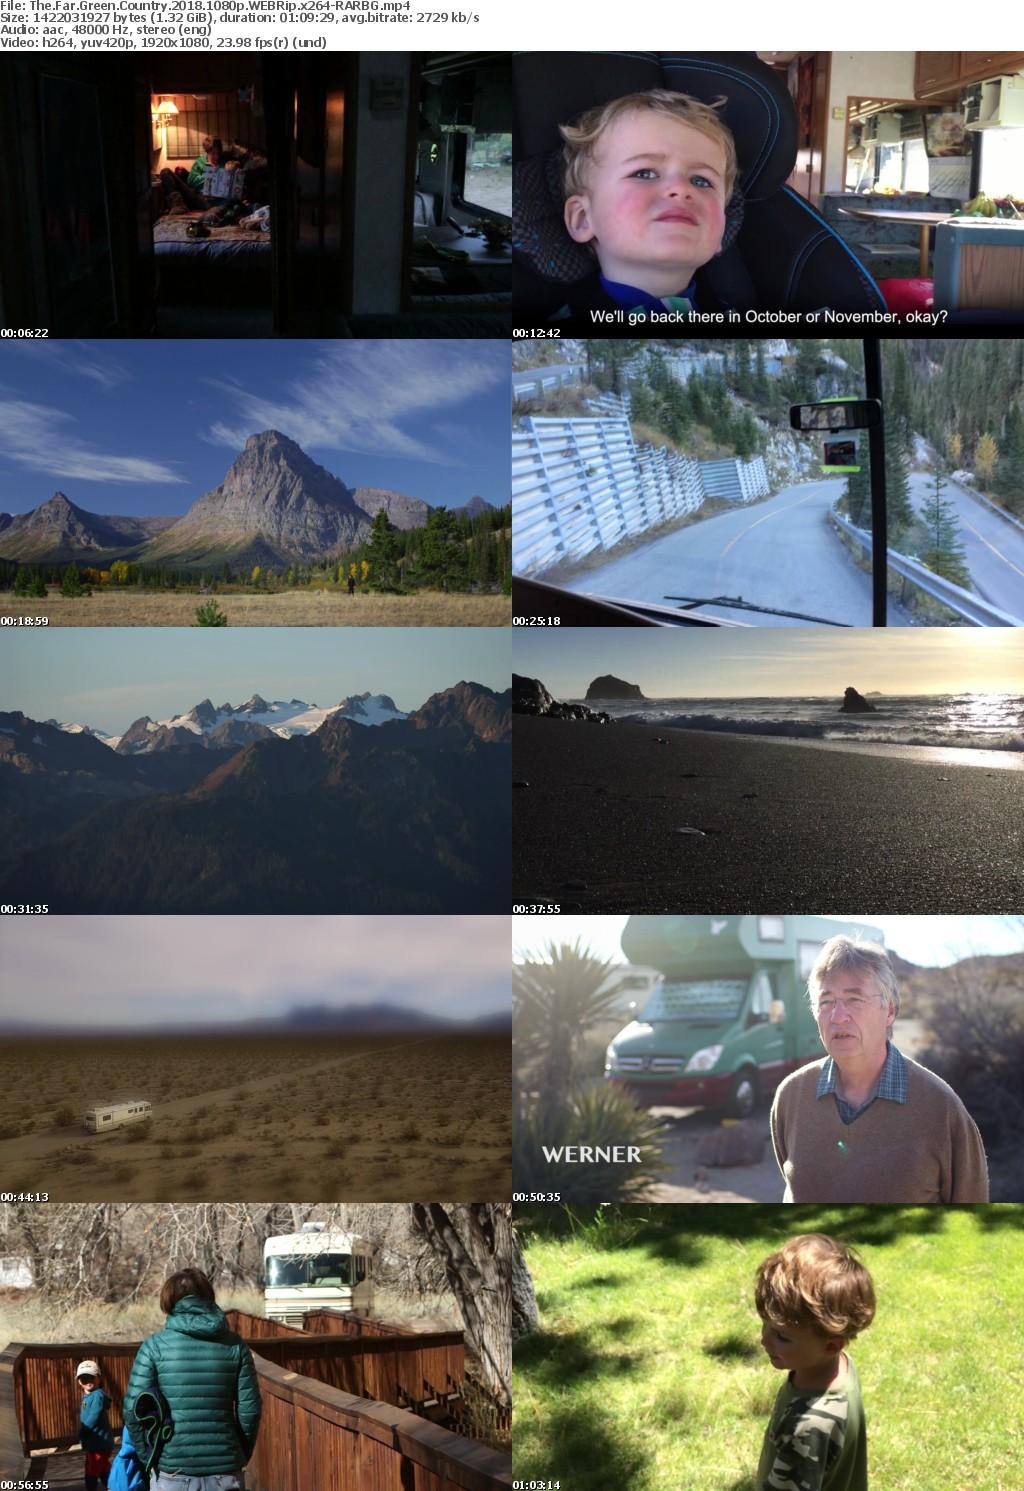 The Far Green Country (2018) 1080p WEBRip x264-RARBG